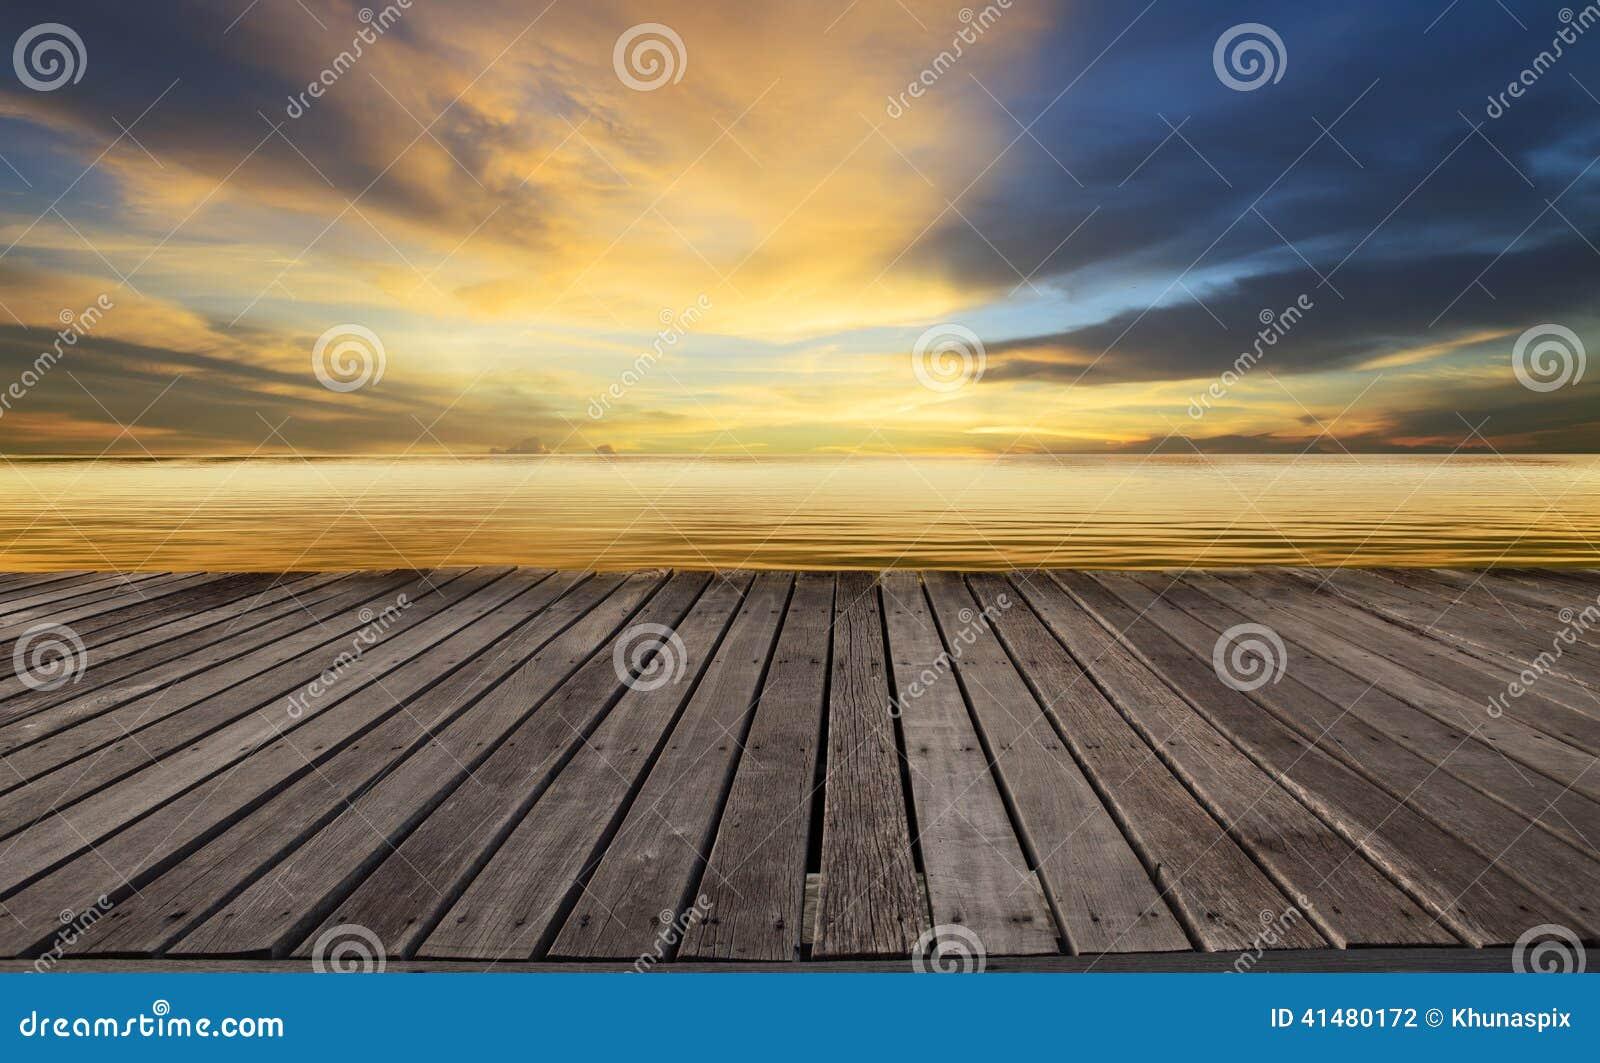 Textured do terraço de madeira e do céu obscuro bonito com uso do espaço da cópia gratuita para que o fundo, o contexto indique b